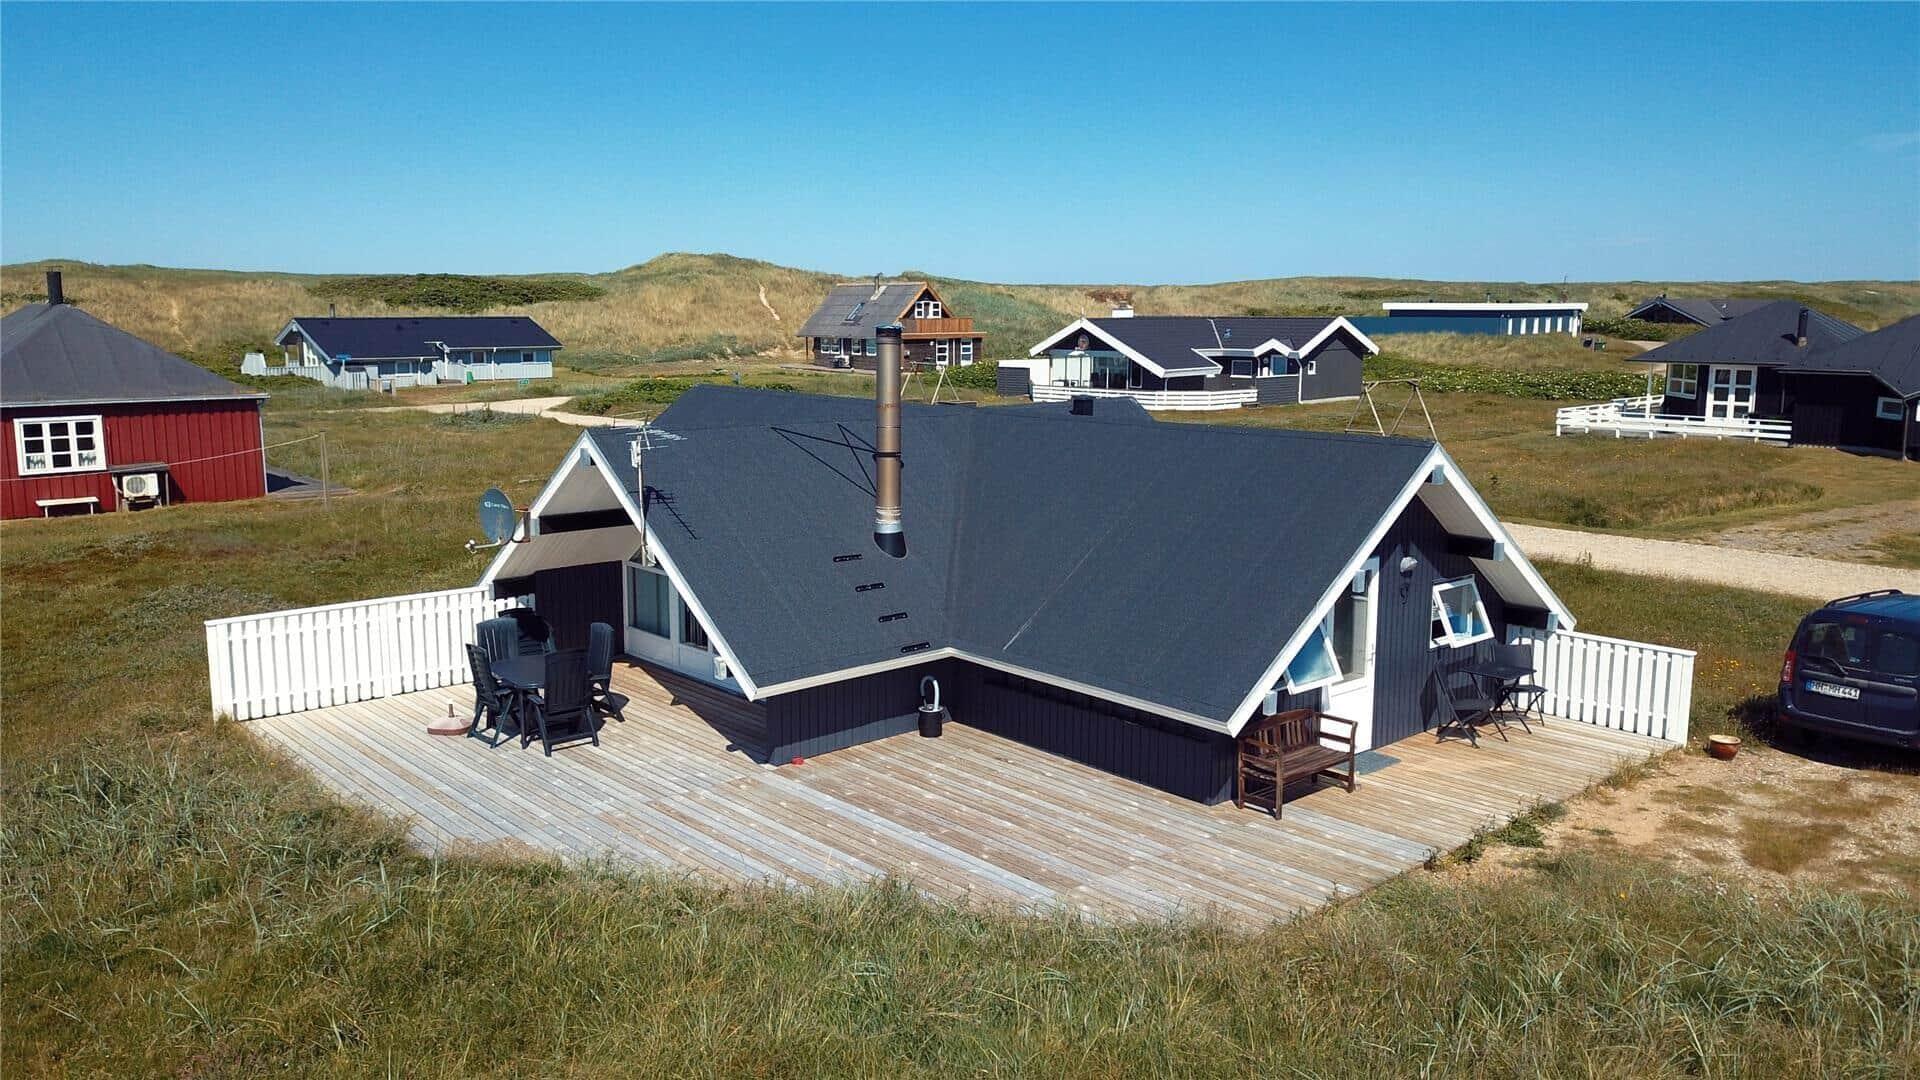 Billede 1-20 Sommerhus 318, Charlottevej 9, DK - 7673 Harboøre